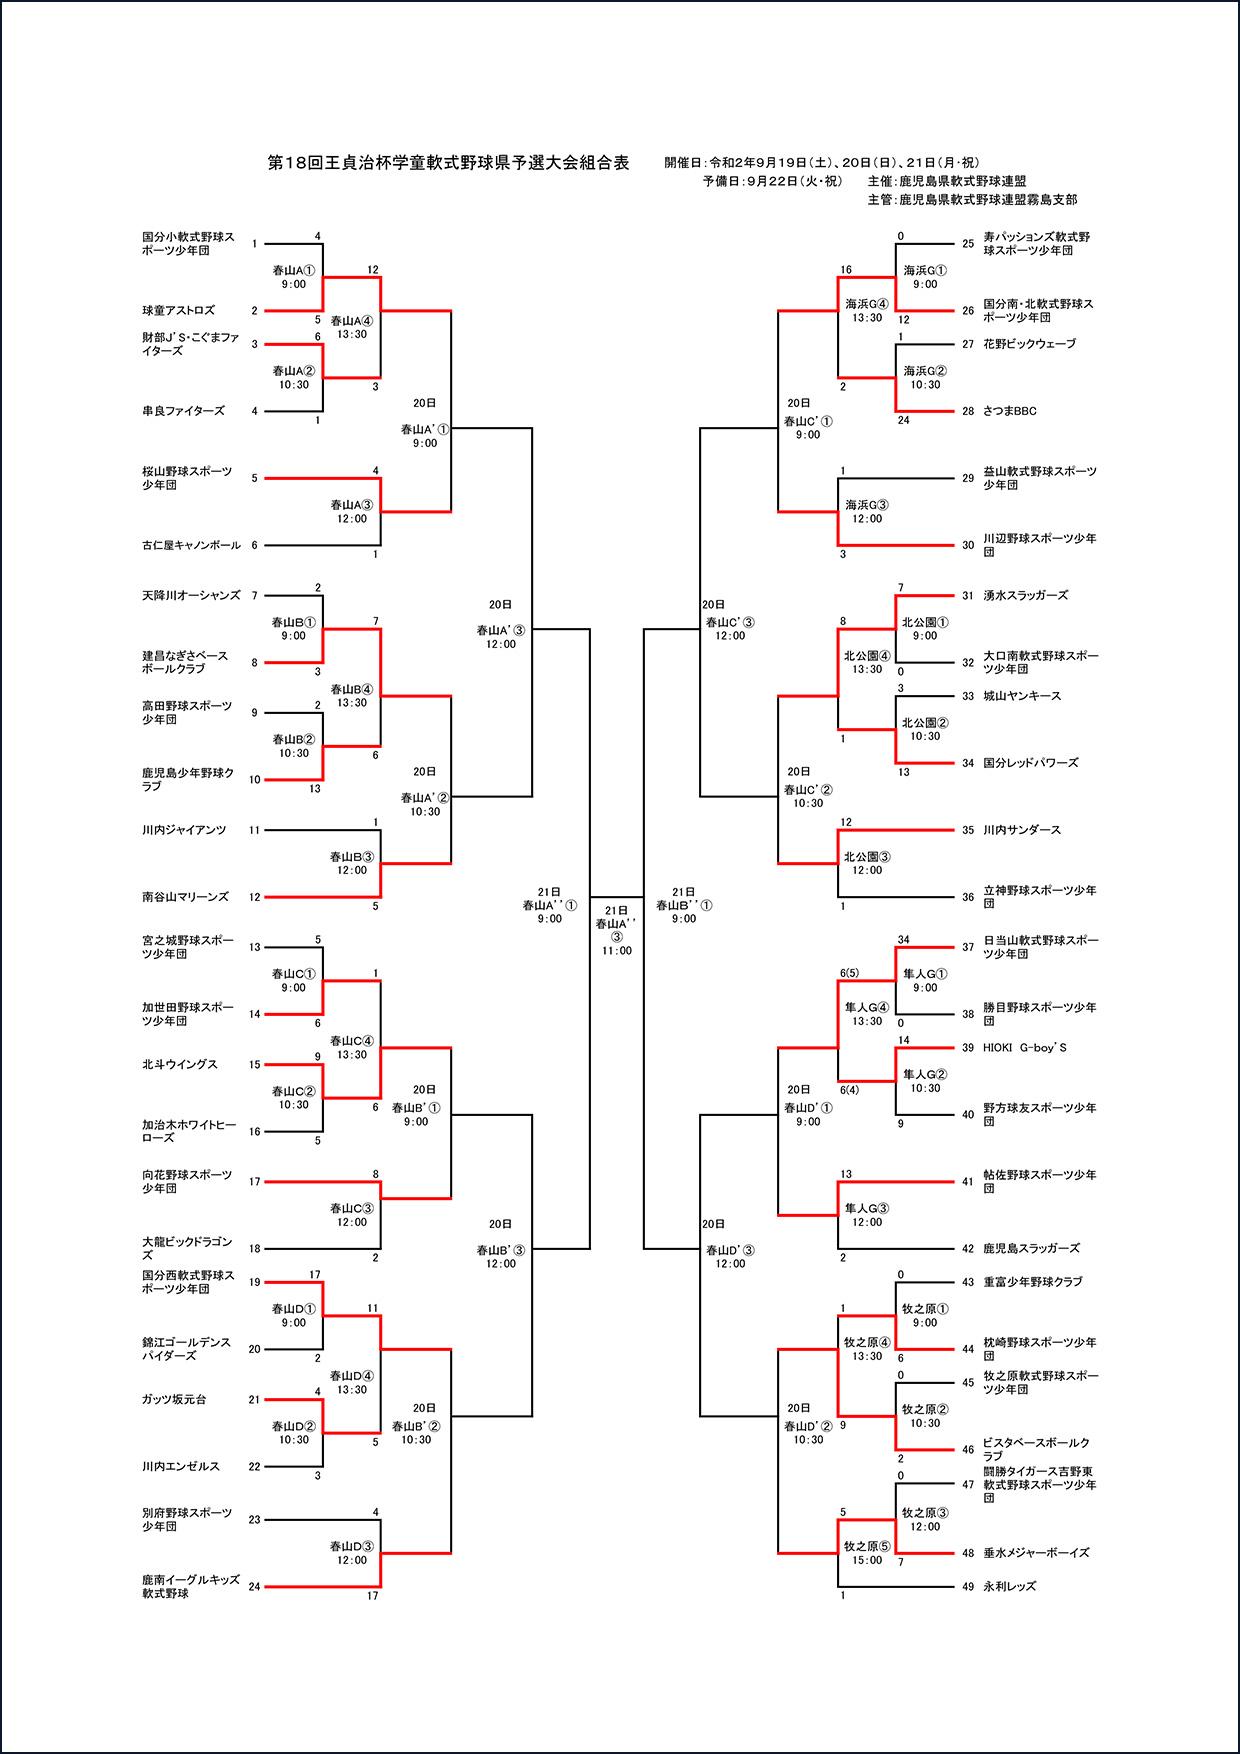 【19日】第18回王貞治杯学童軟式野球県予選大会